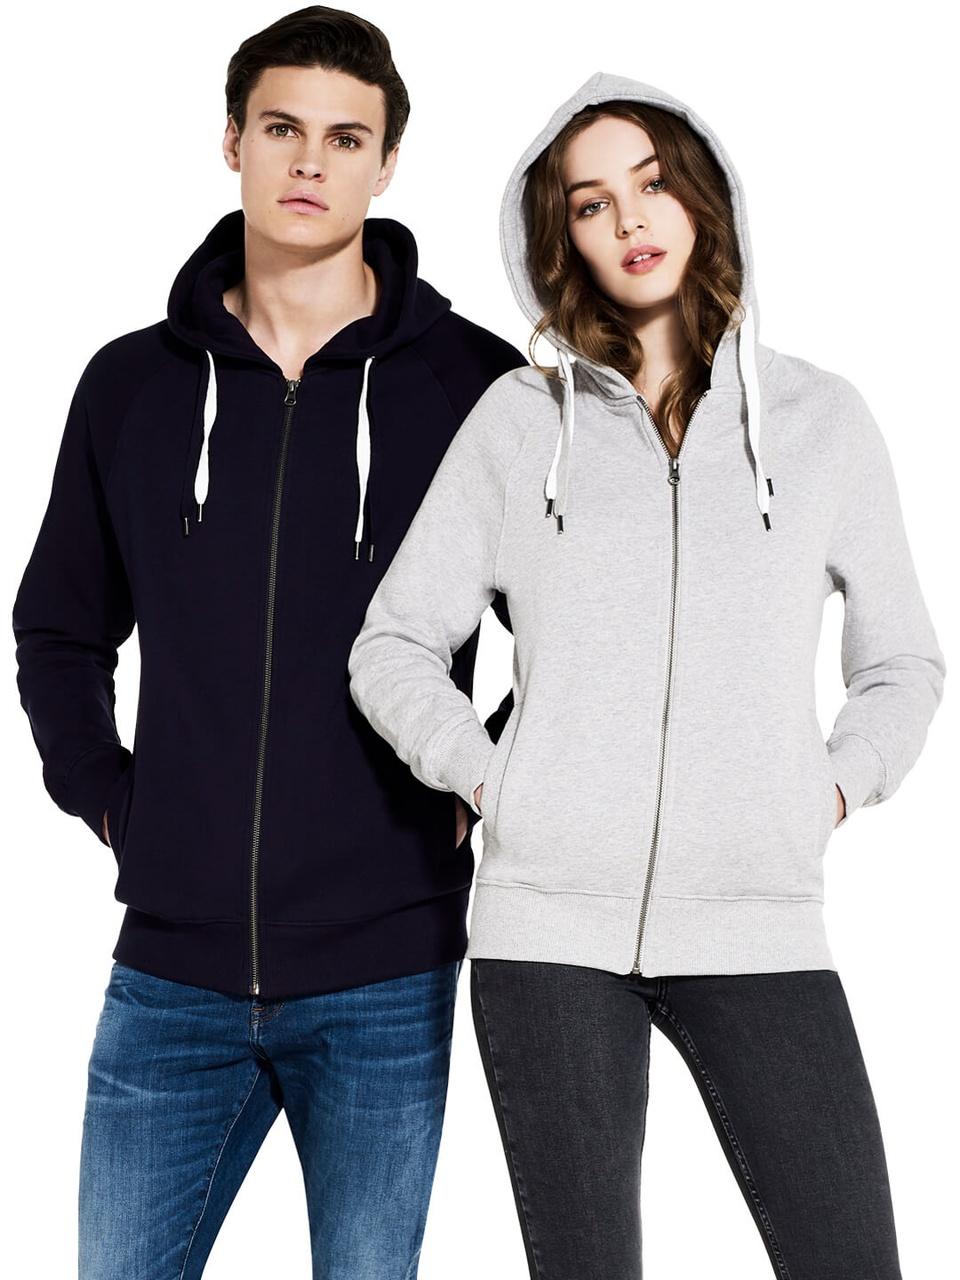 Unisex Organic Style Zip Hooded Sweatshirt